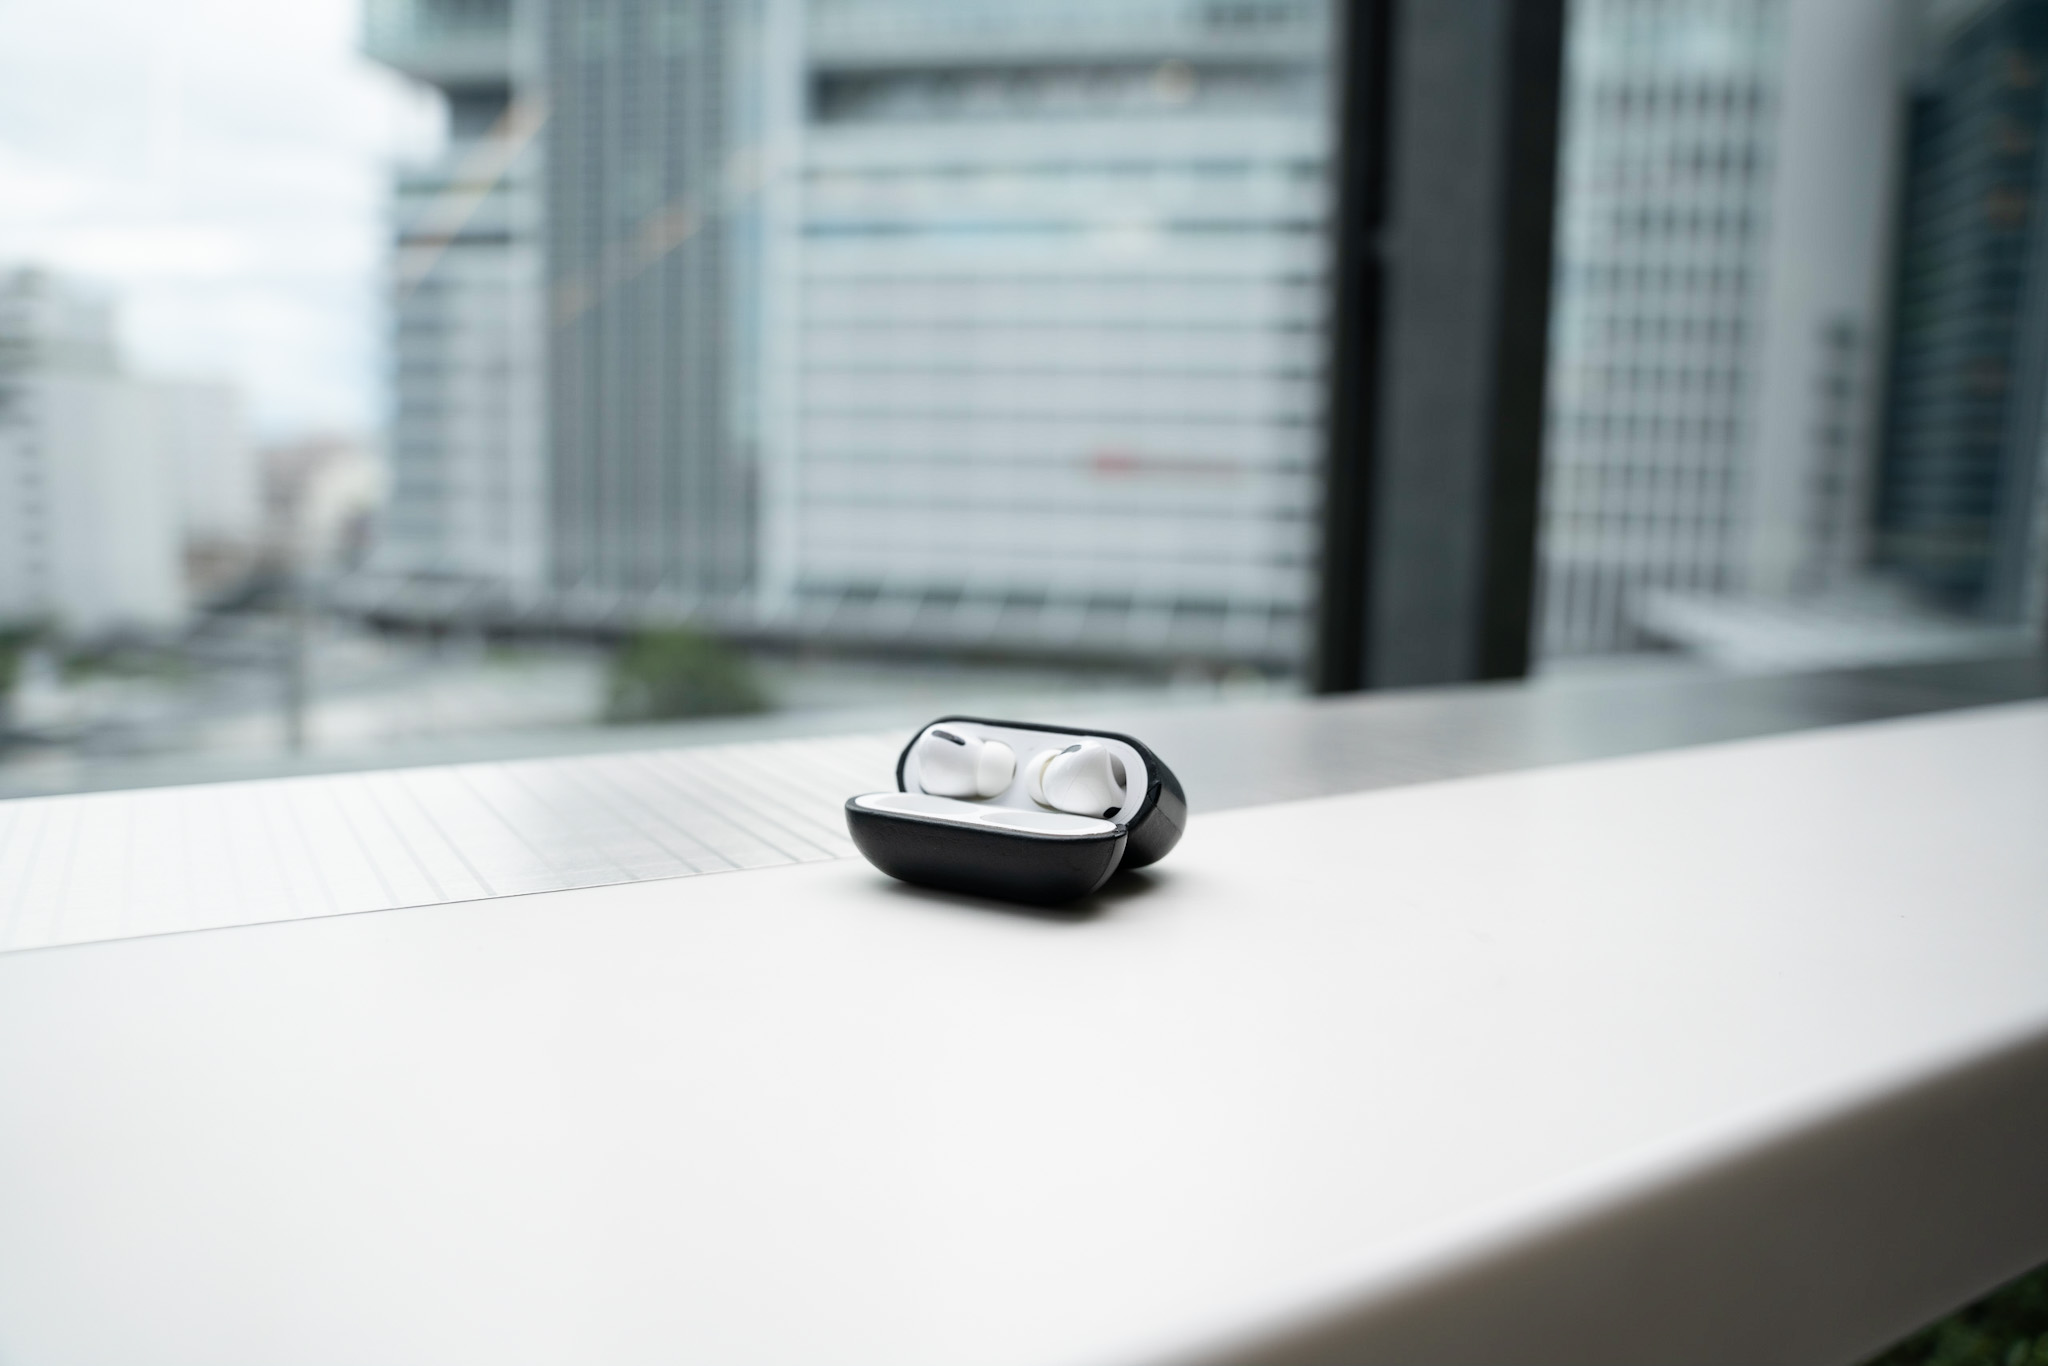 【カバンの中身】Airpods Pro:暮らしに馴染む「使う」イヤホン